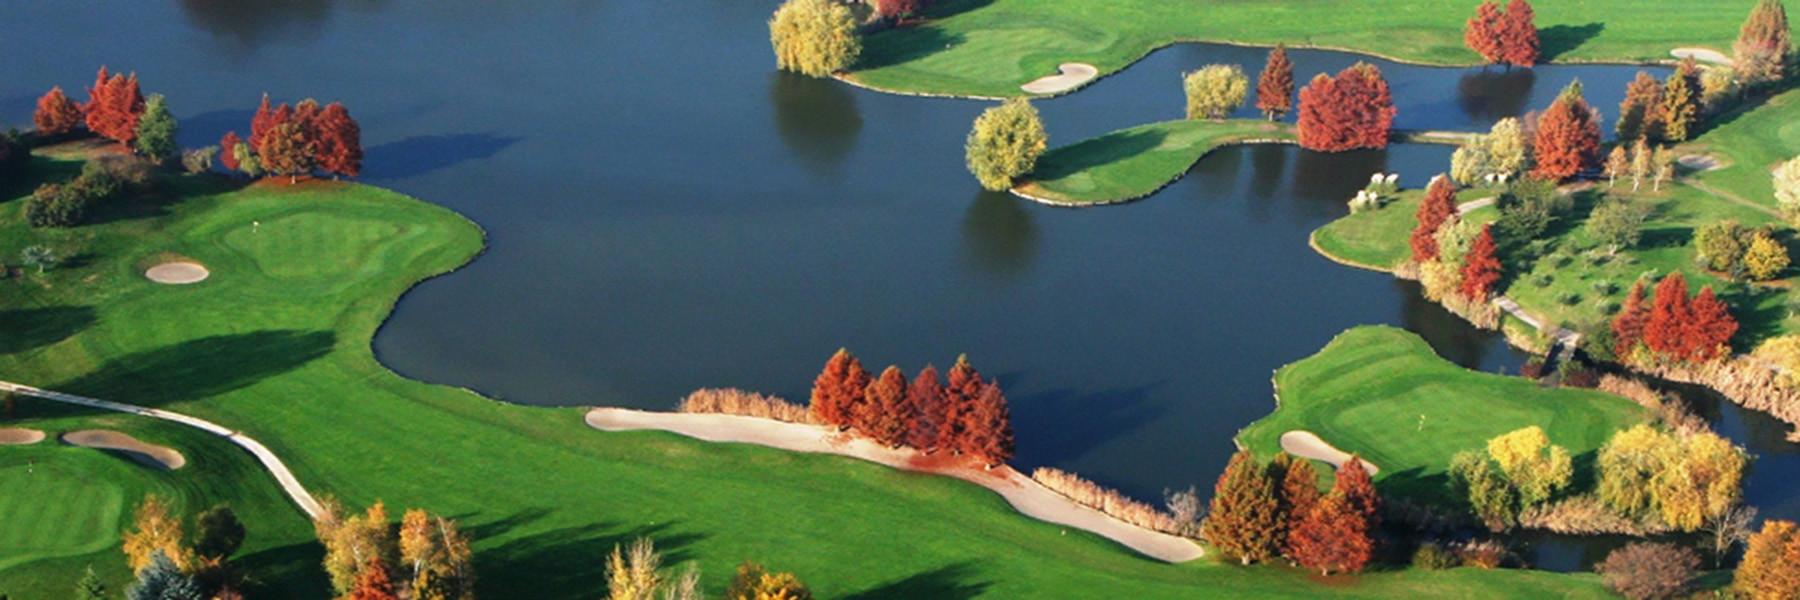 Meisterschaftsplatz mitten im Weingebiet - Franciacorta Golf Club